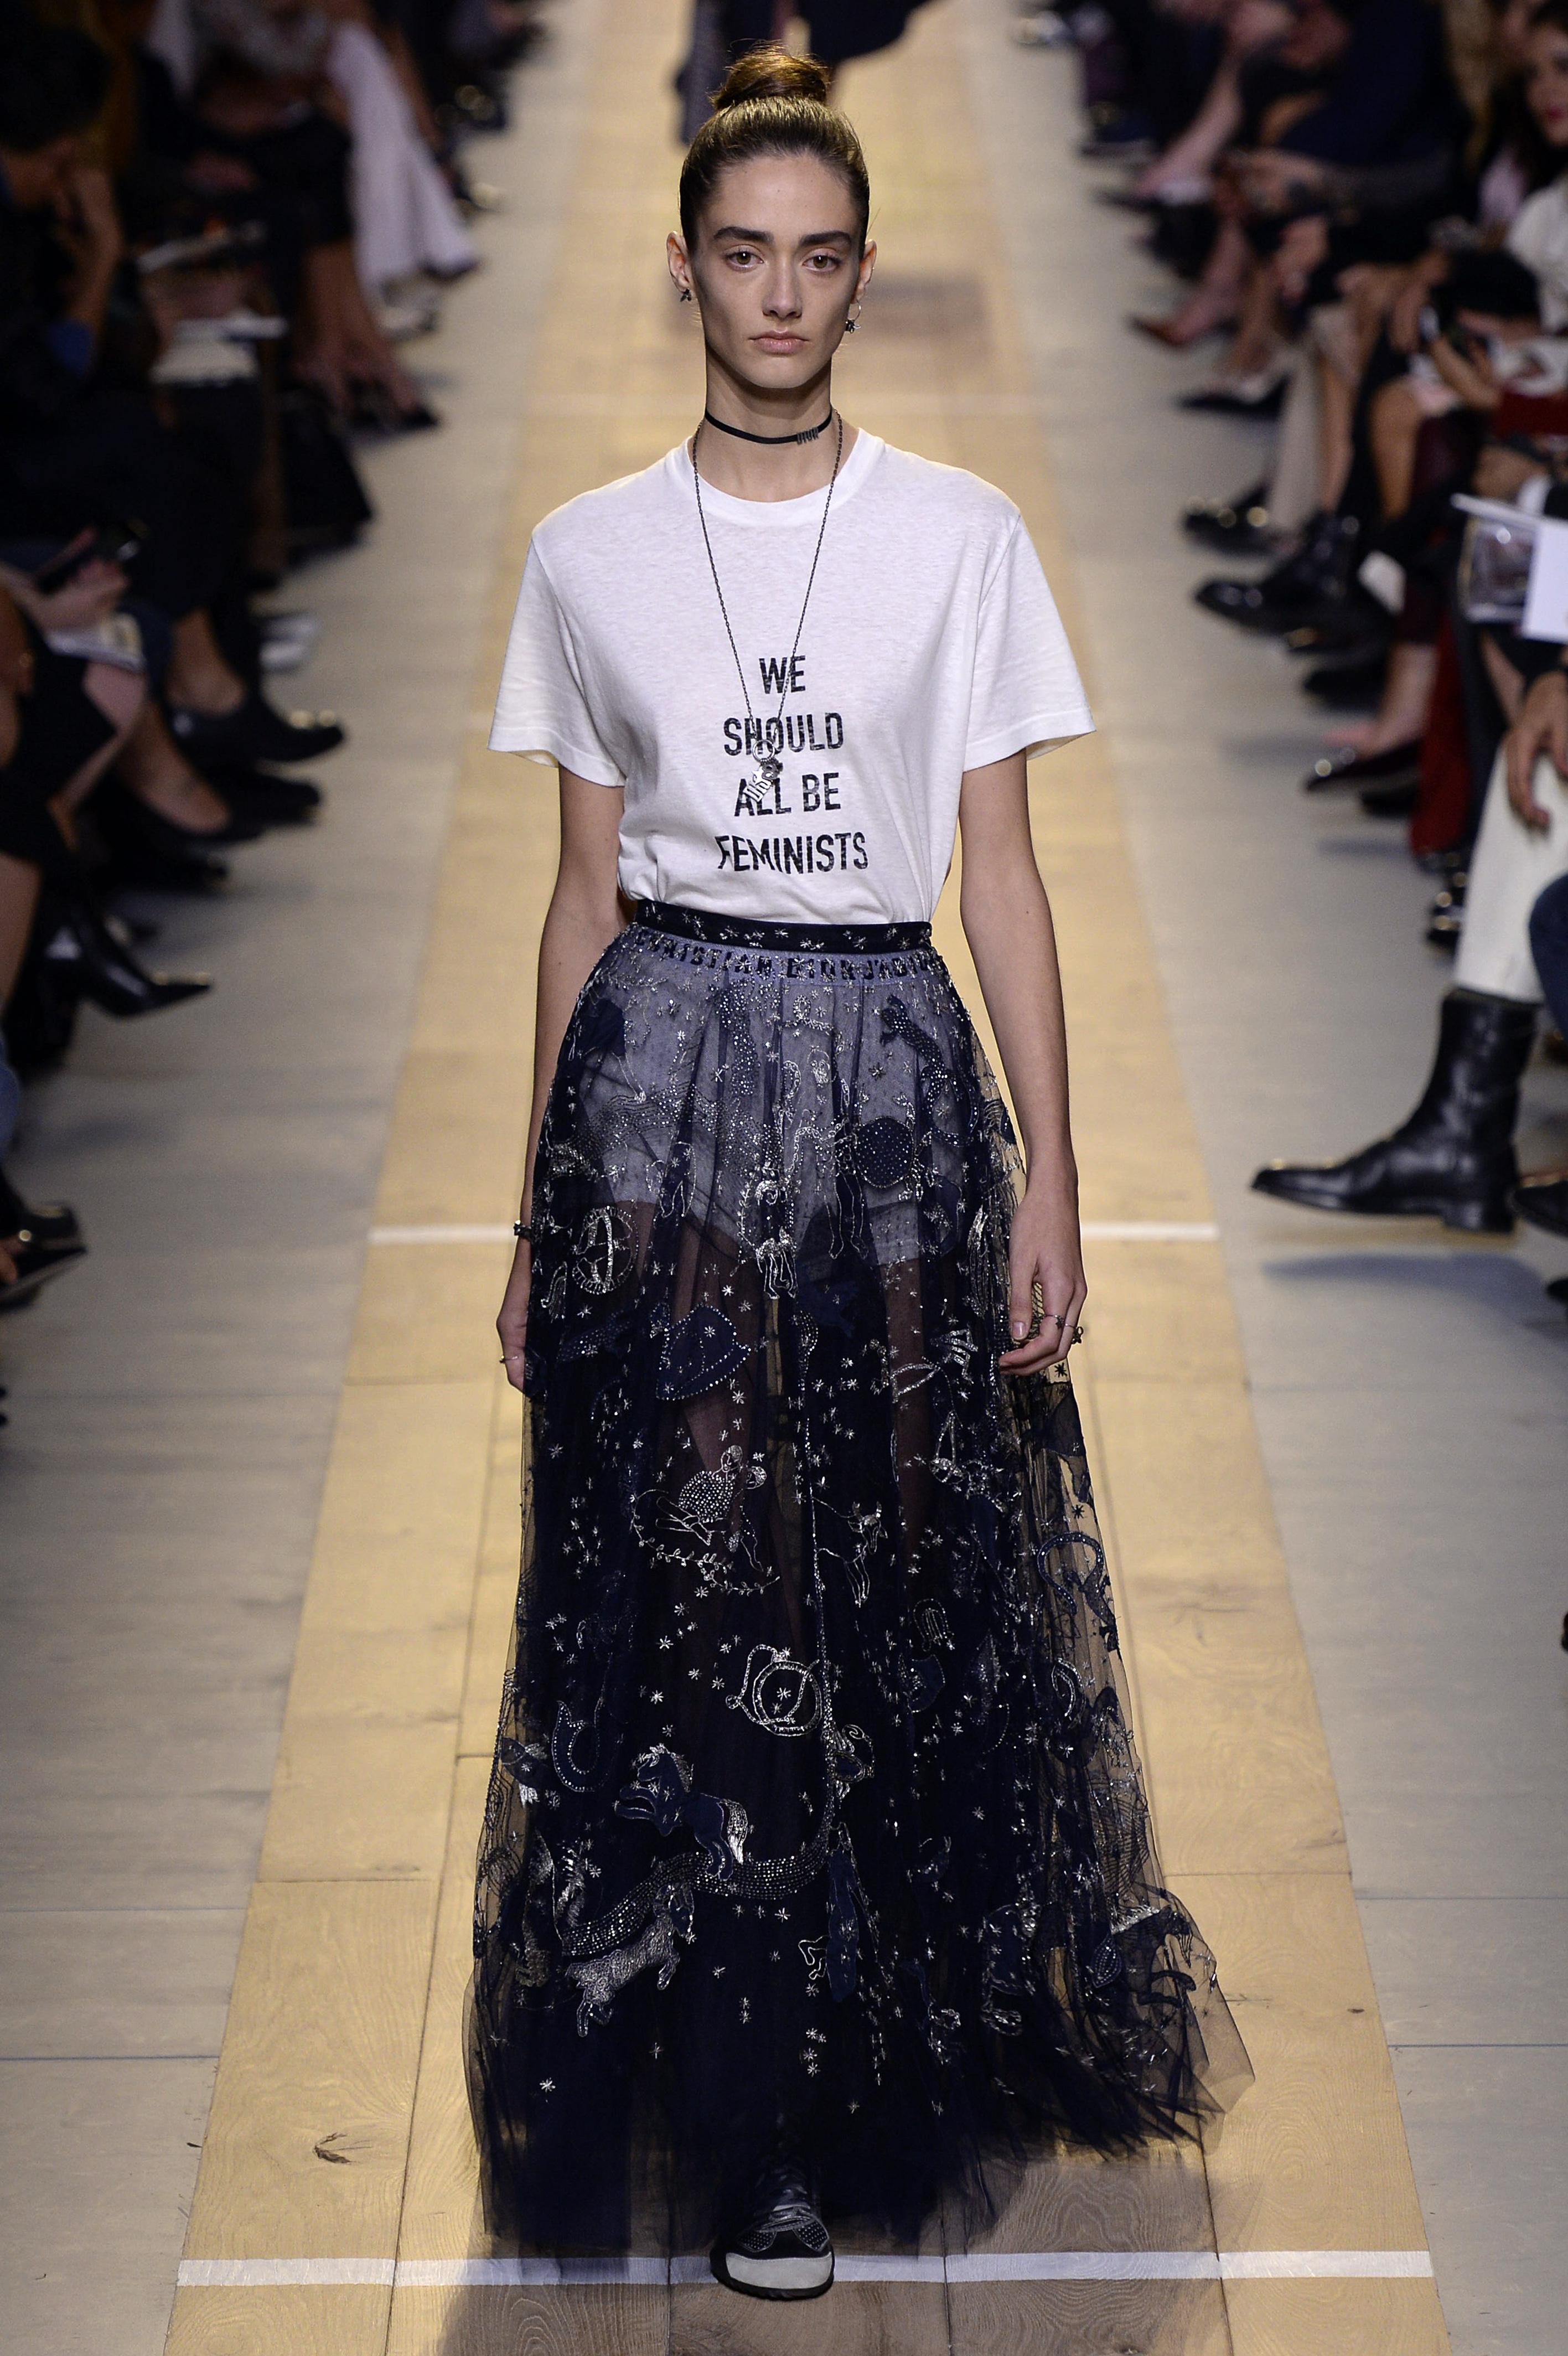 2017 S/S Dior